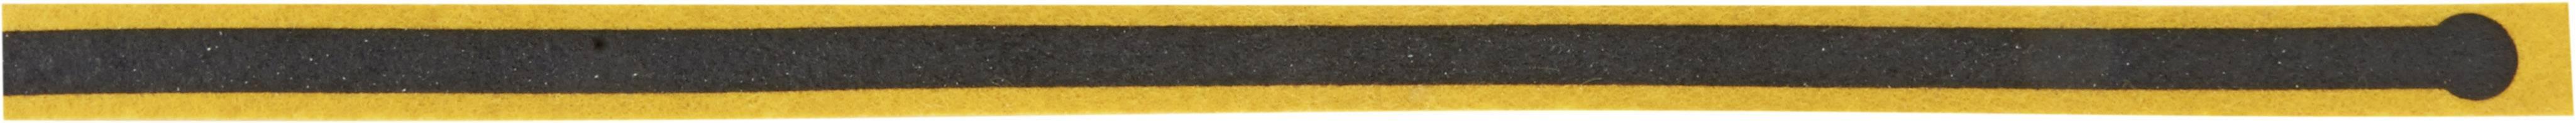 ESD jednorázové zemnící pásky na boty Wolfgang Warmbier 2560.894, 1 ks, žlutá, černá